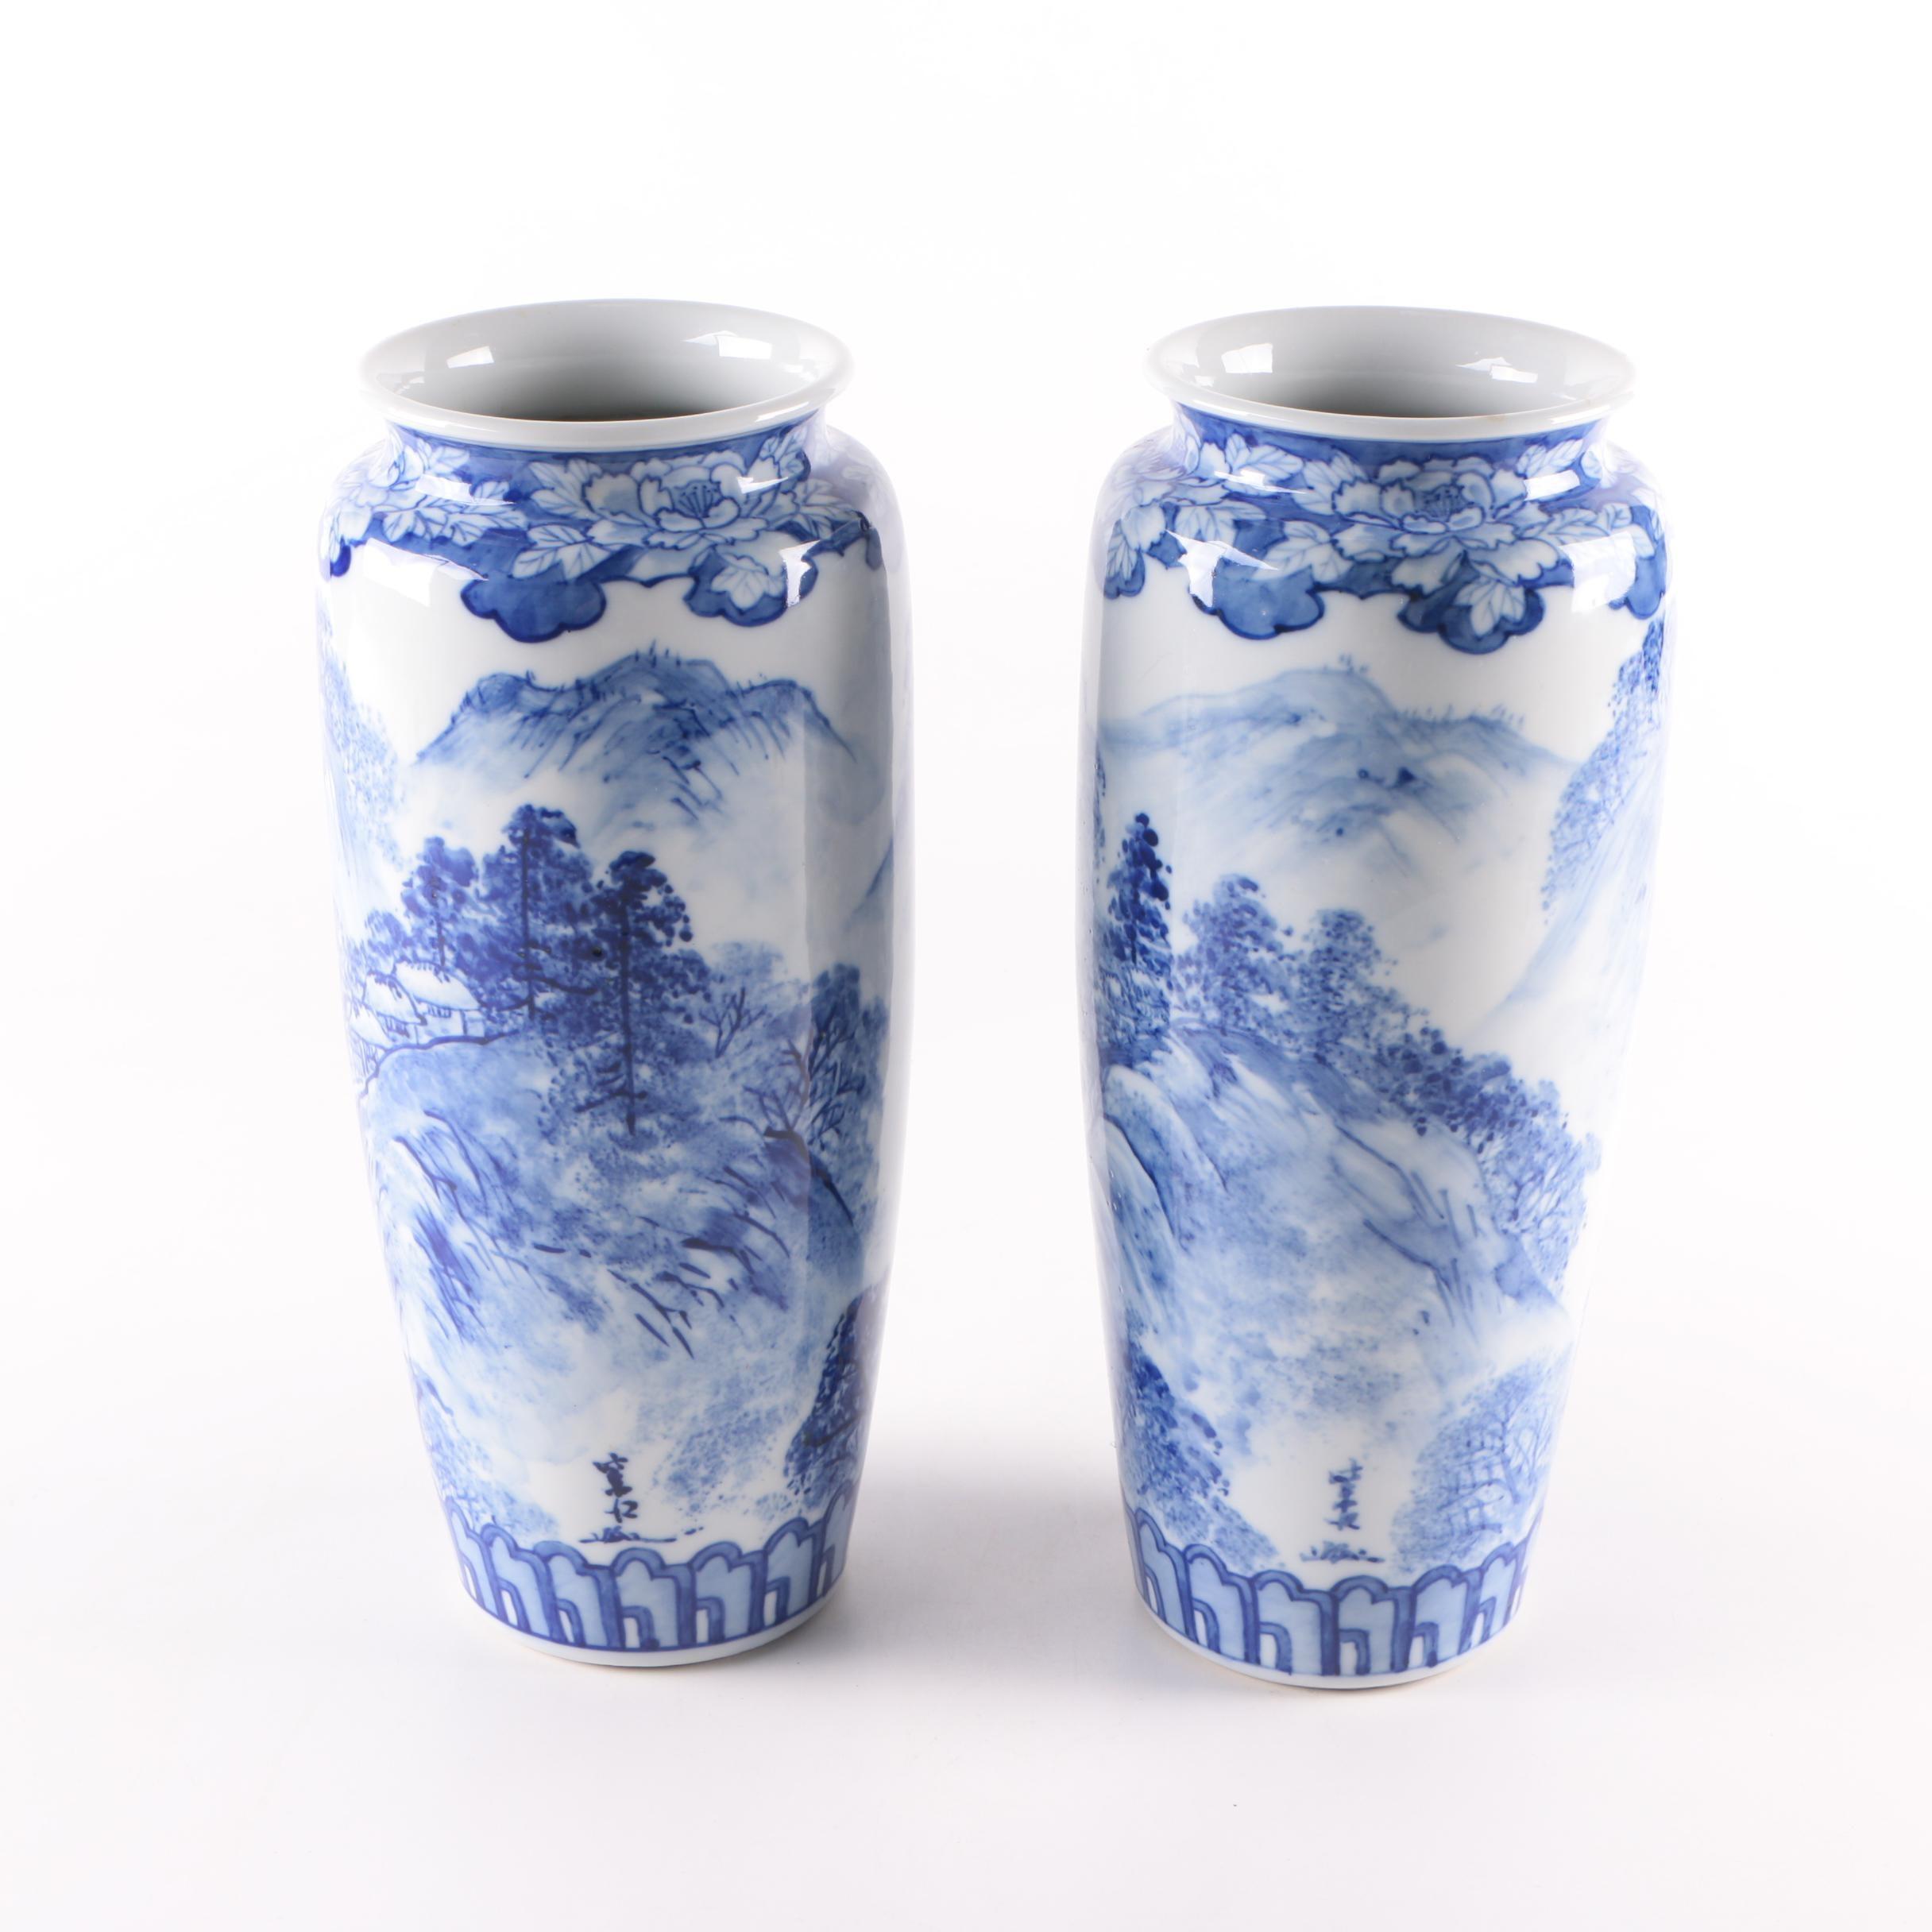 Japanese Blue and White Ceramic Vases